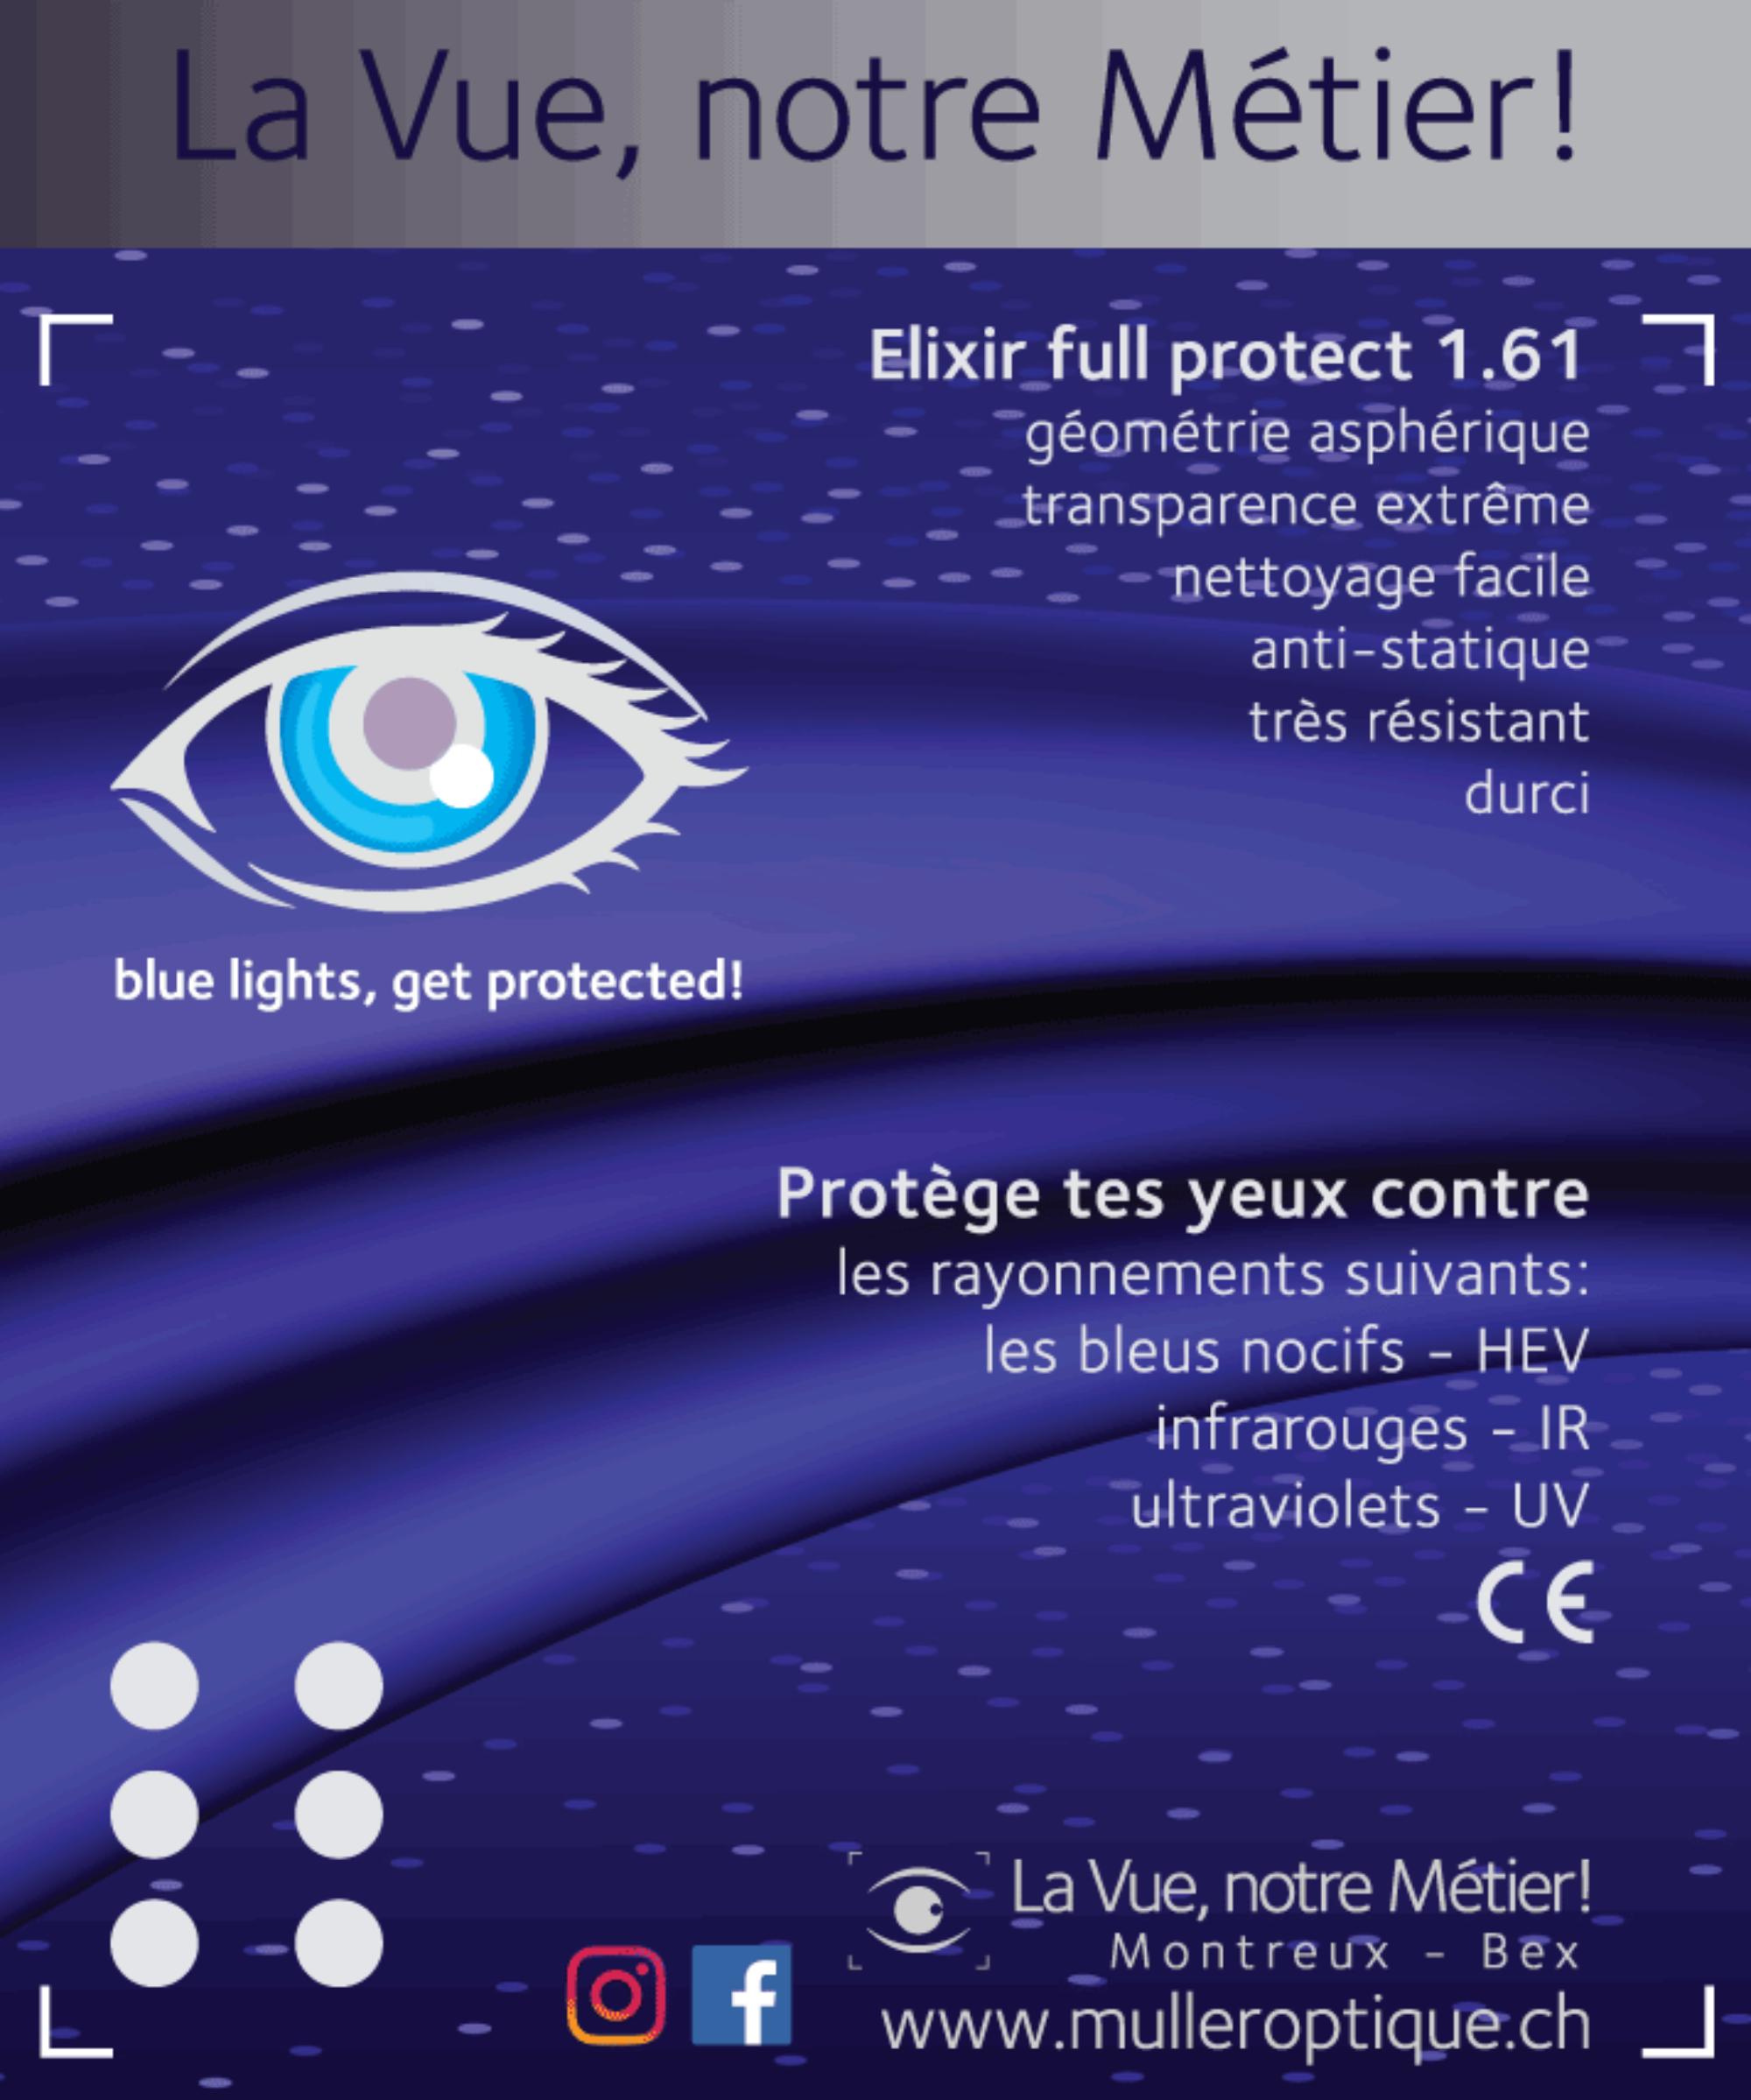 La Vue, notre Métier! Optique Muller SA - Opticien Montreux Bex Vaud Valais - Belles lunettes de Vue - lentilles de contact - examen test de la Vue